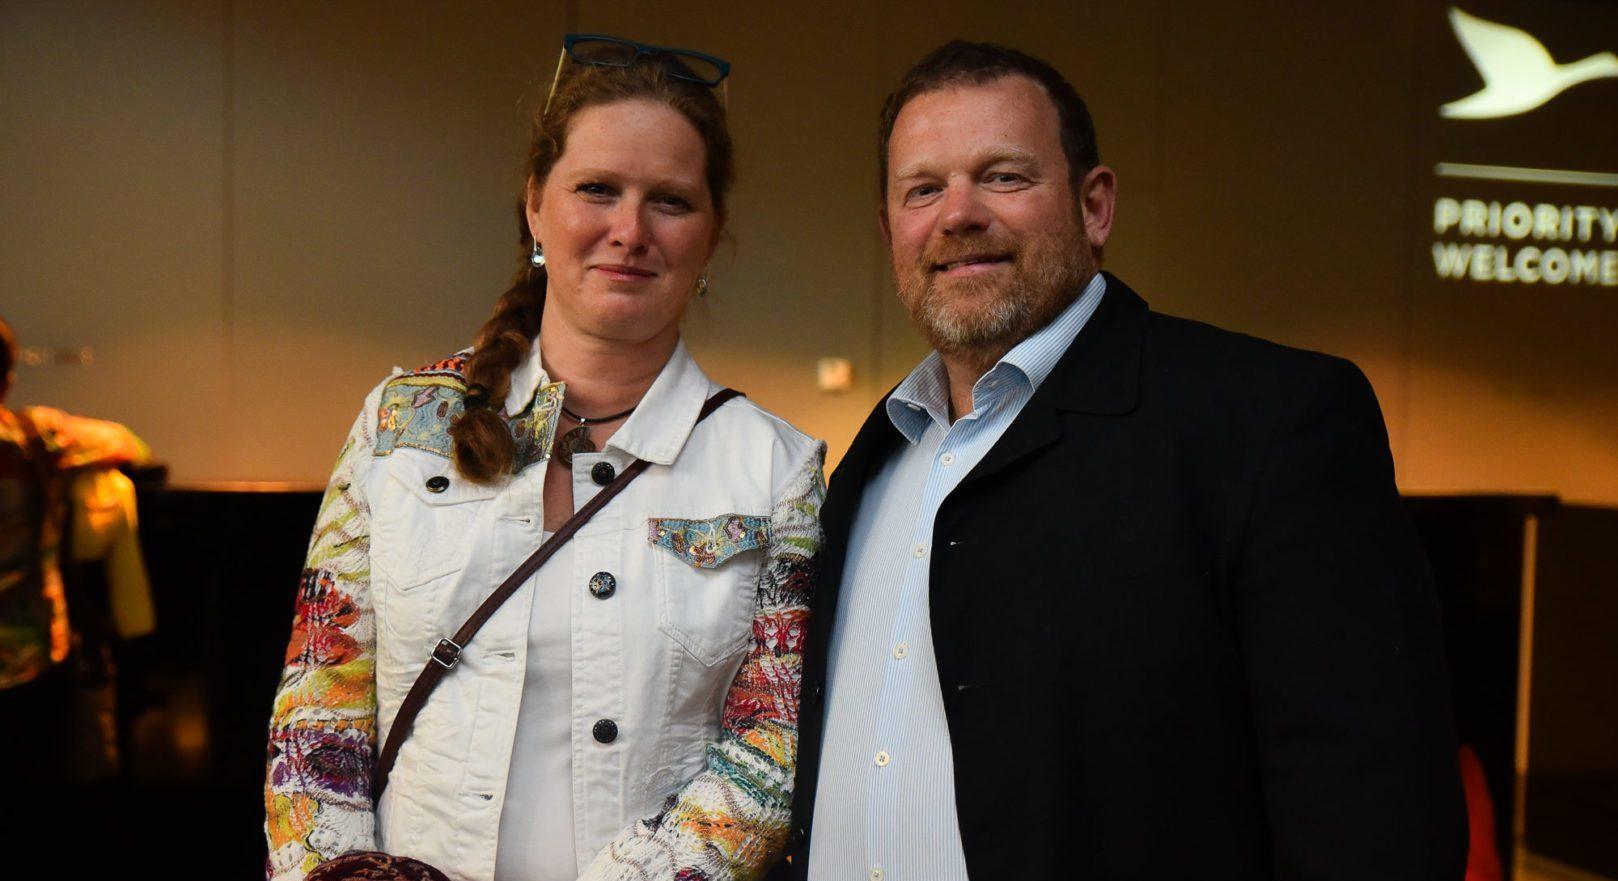 GeschäftsführerIn Nora Halbgebauer-Kunz und Michael Kunz